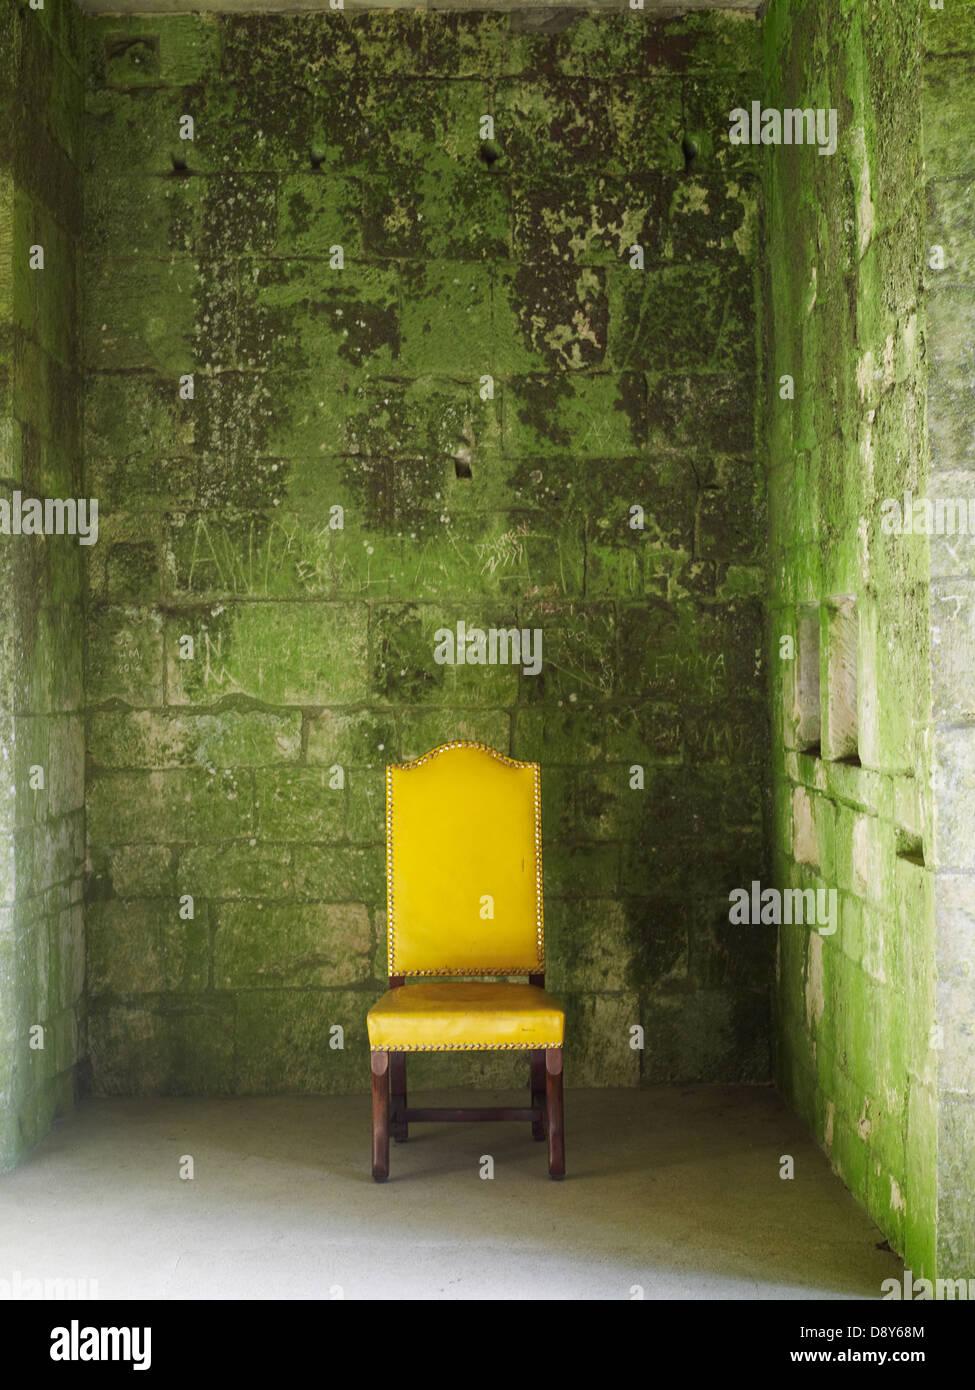 Una silla de color amarillo brillante contra un muro cubierto de líquenes. Imagen De Stock